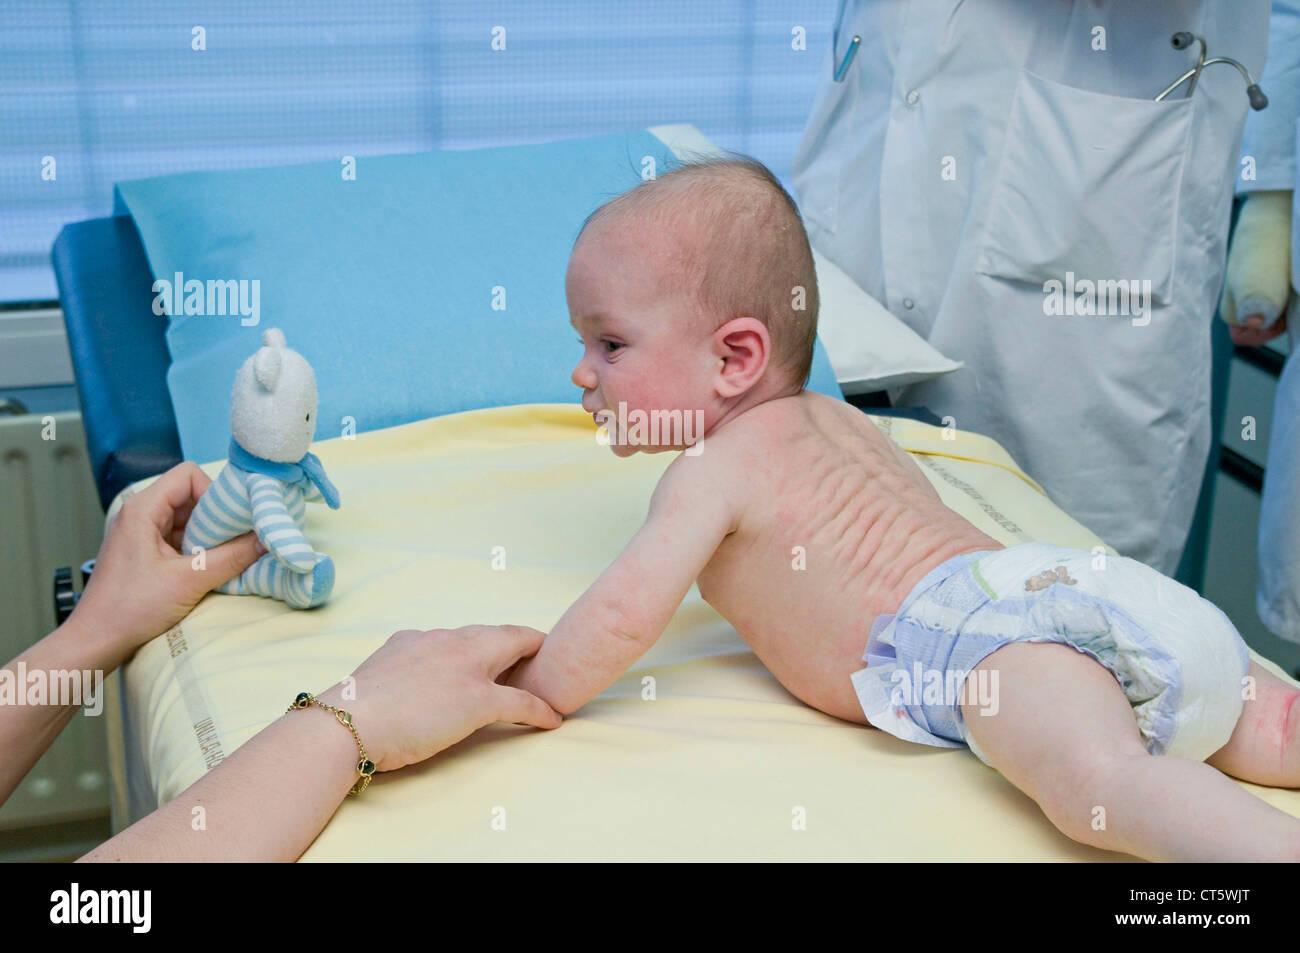 DERMATOLOGY, SYMPTOM, INFANT - Stock Image